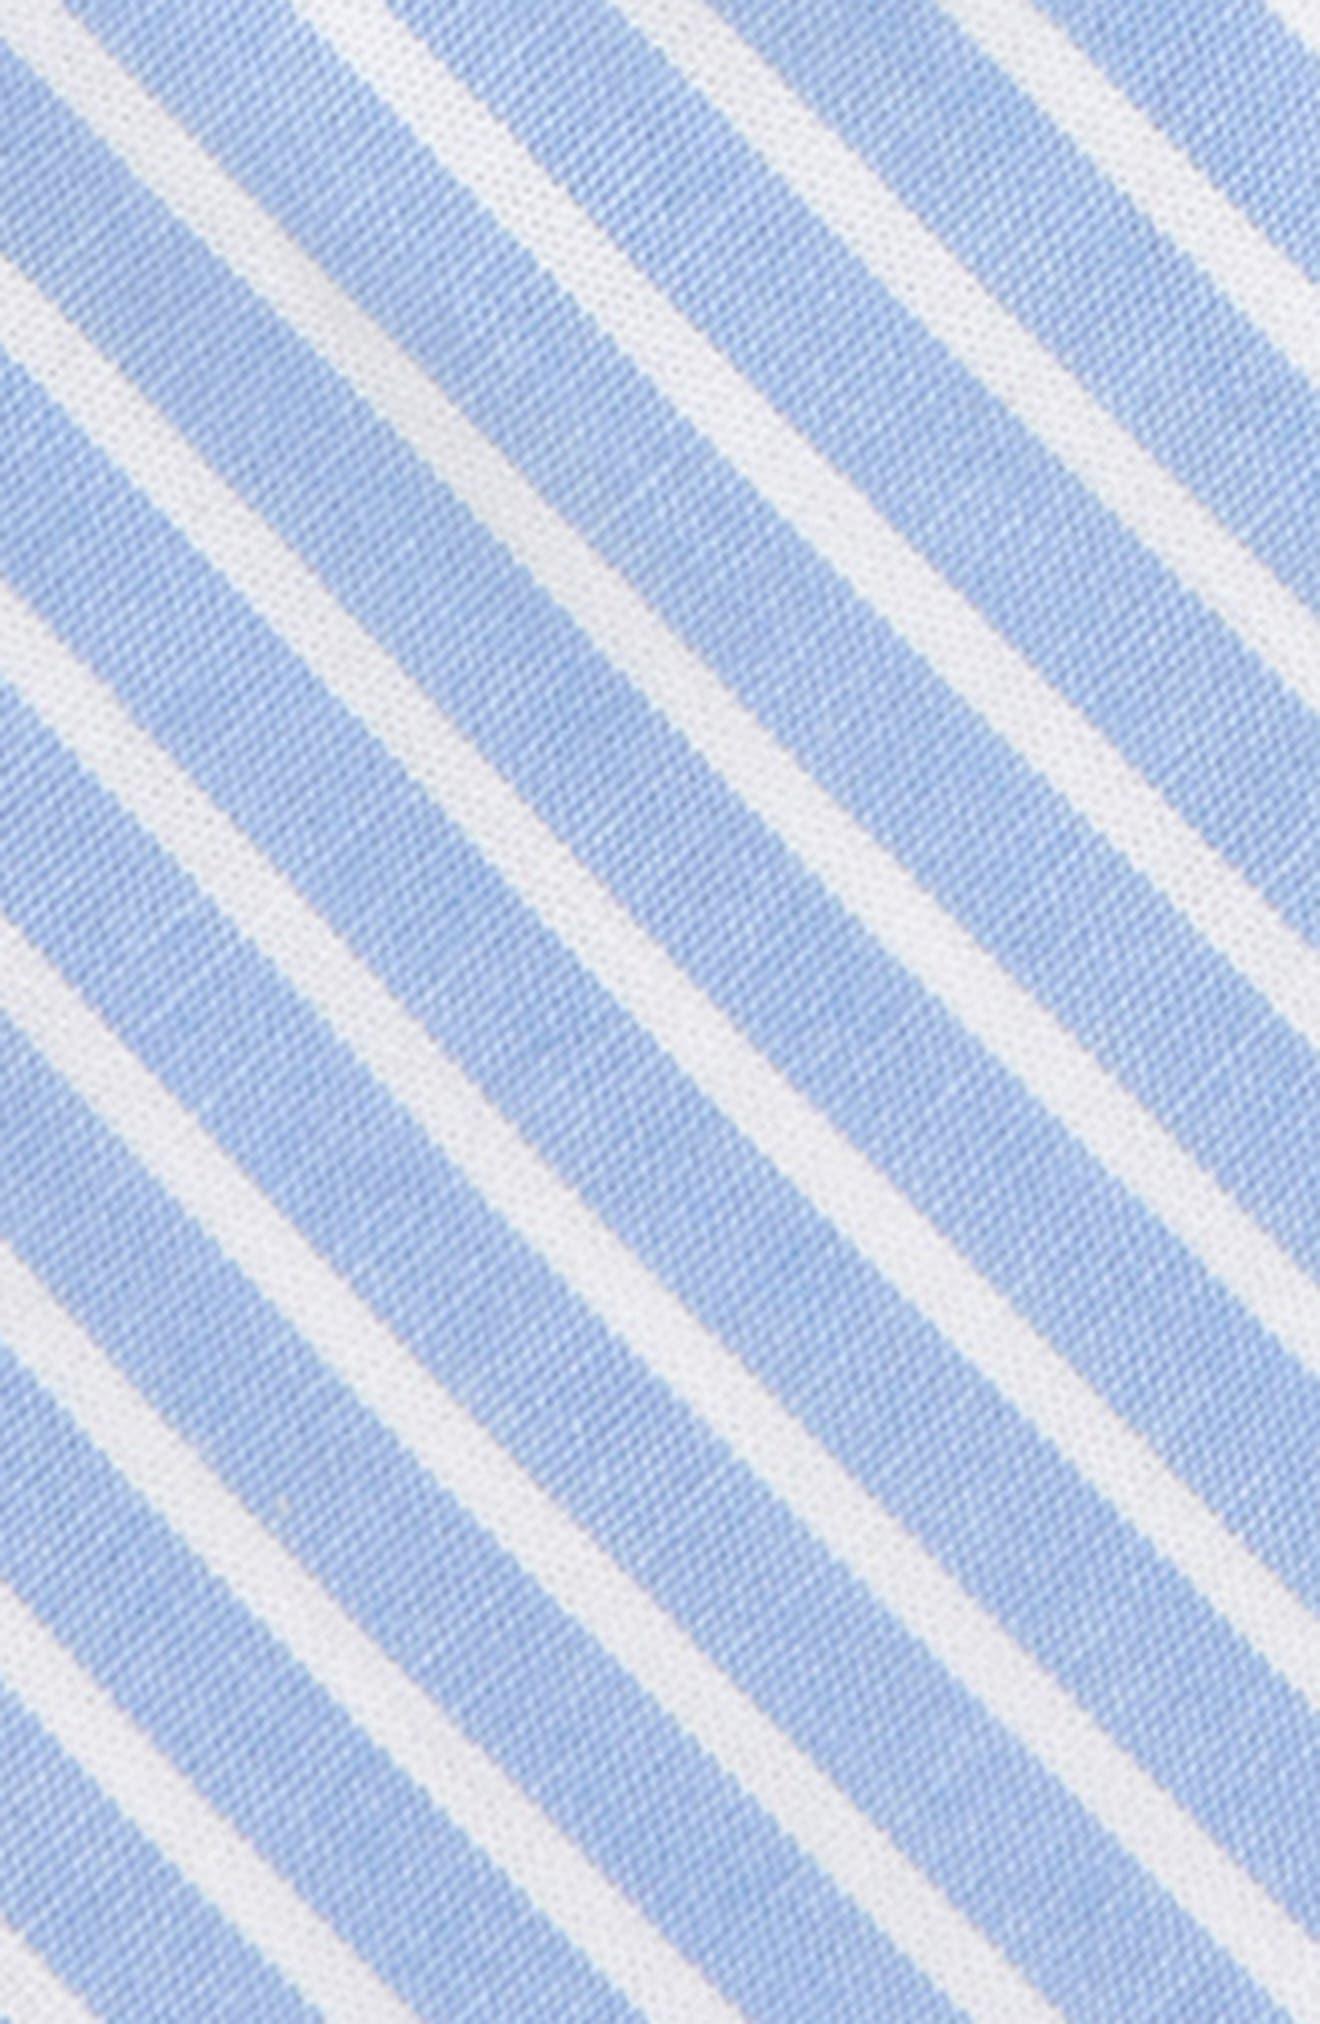 NORDSTROM, Jacob Solid Cotton Zipper Tie, Alternate thumbnail 2, color, 400